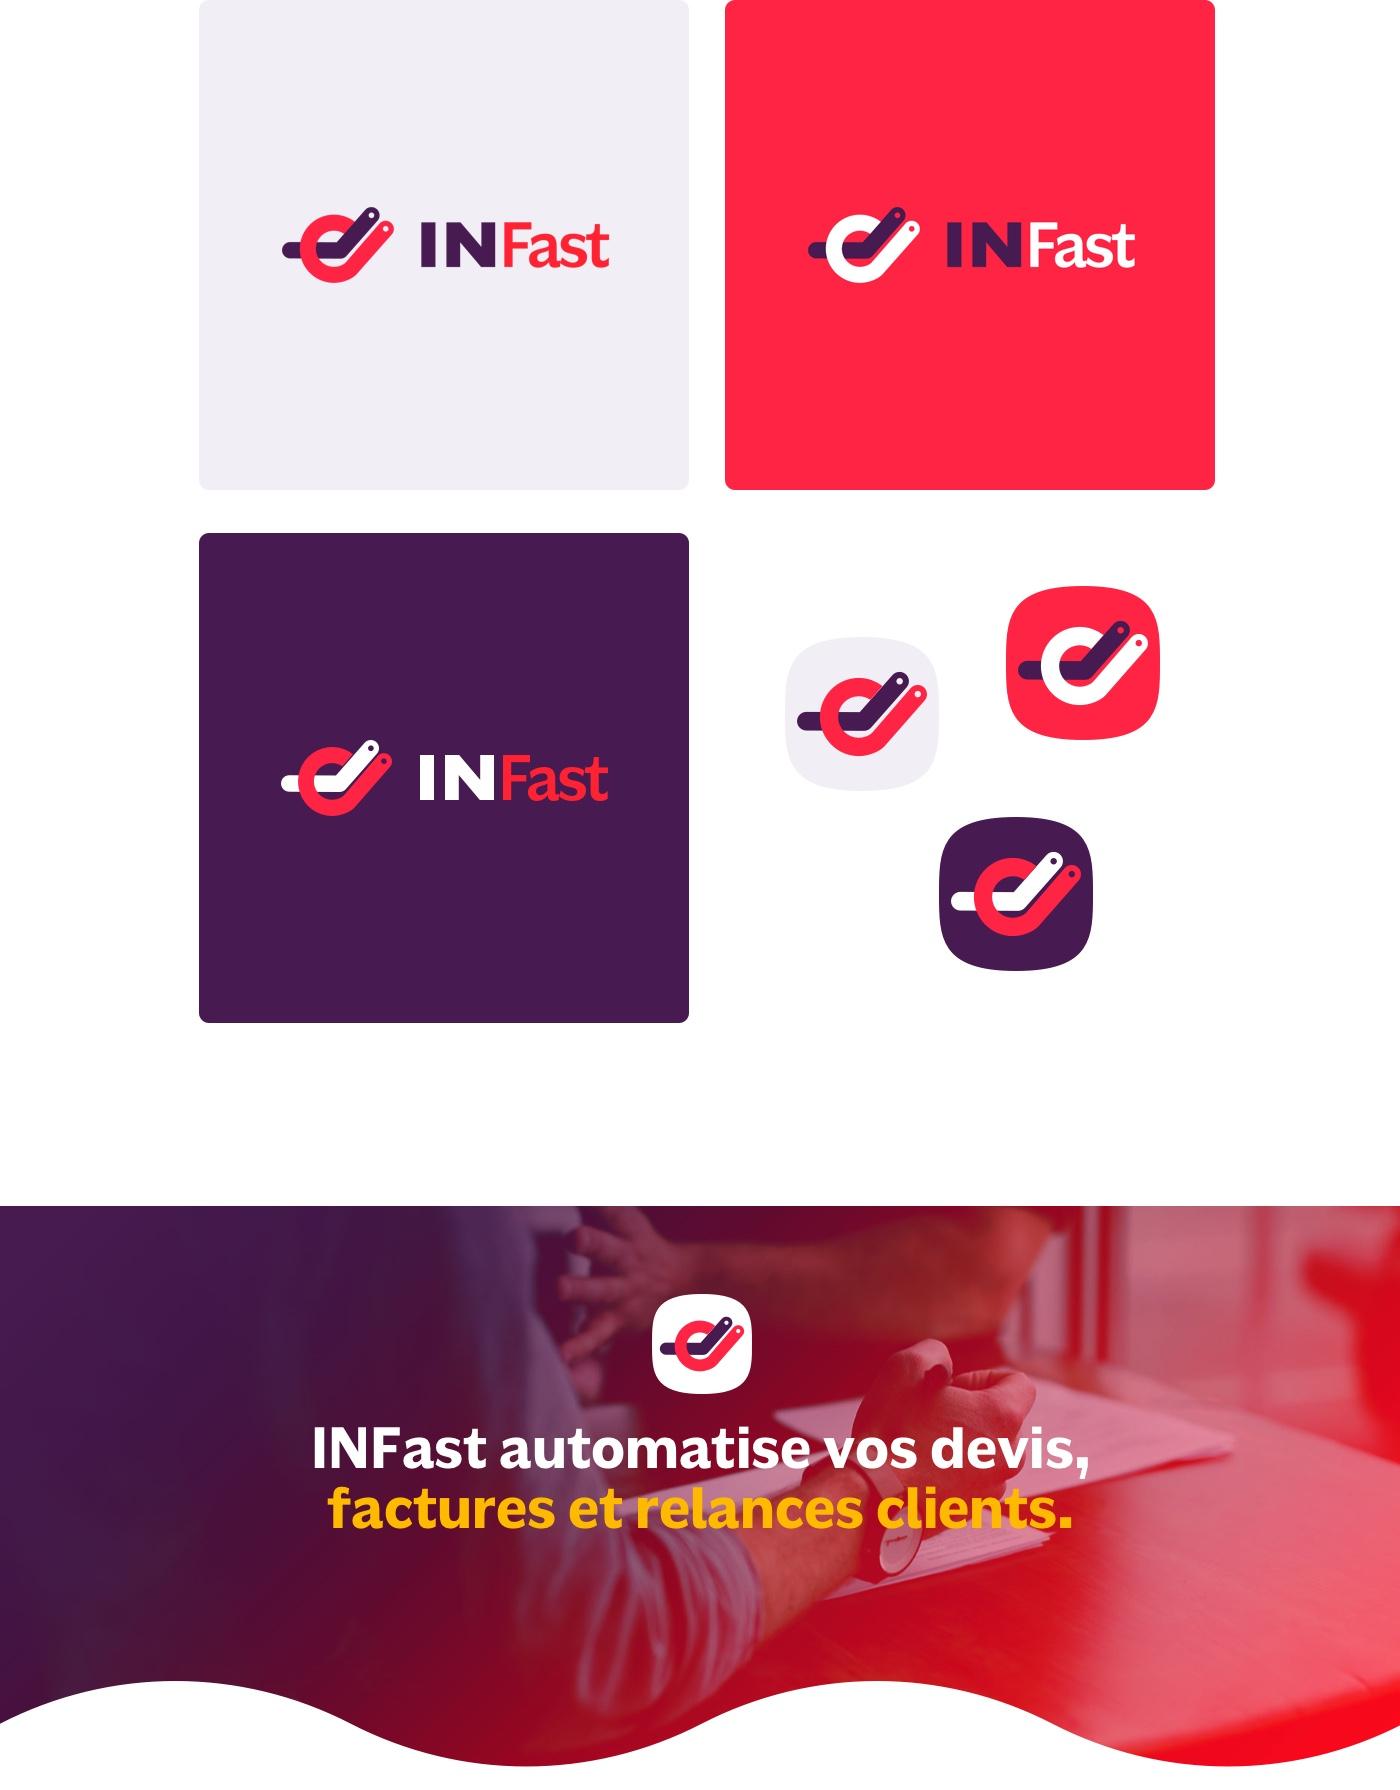 INTIA-INFast